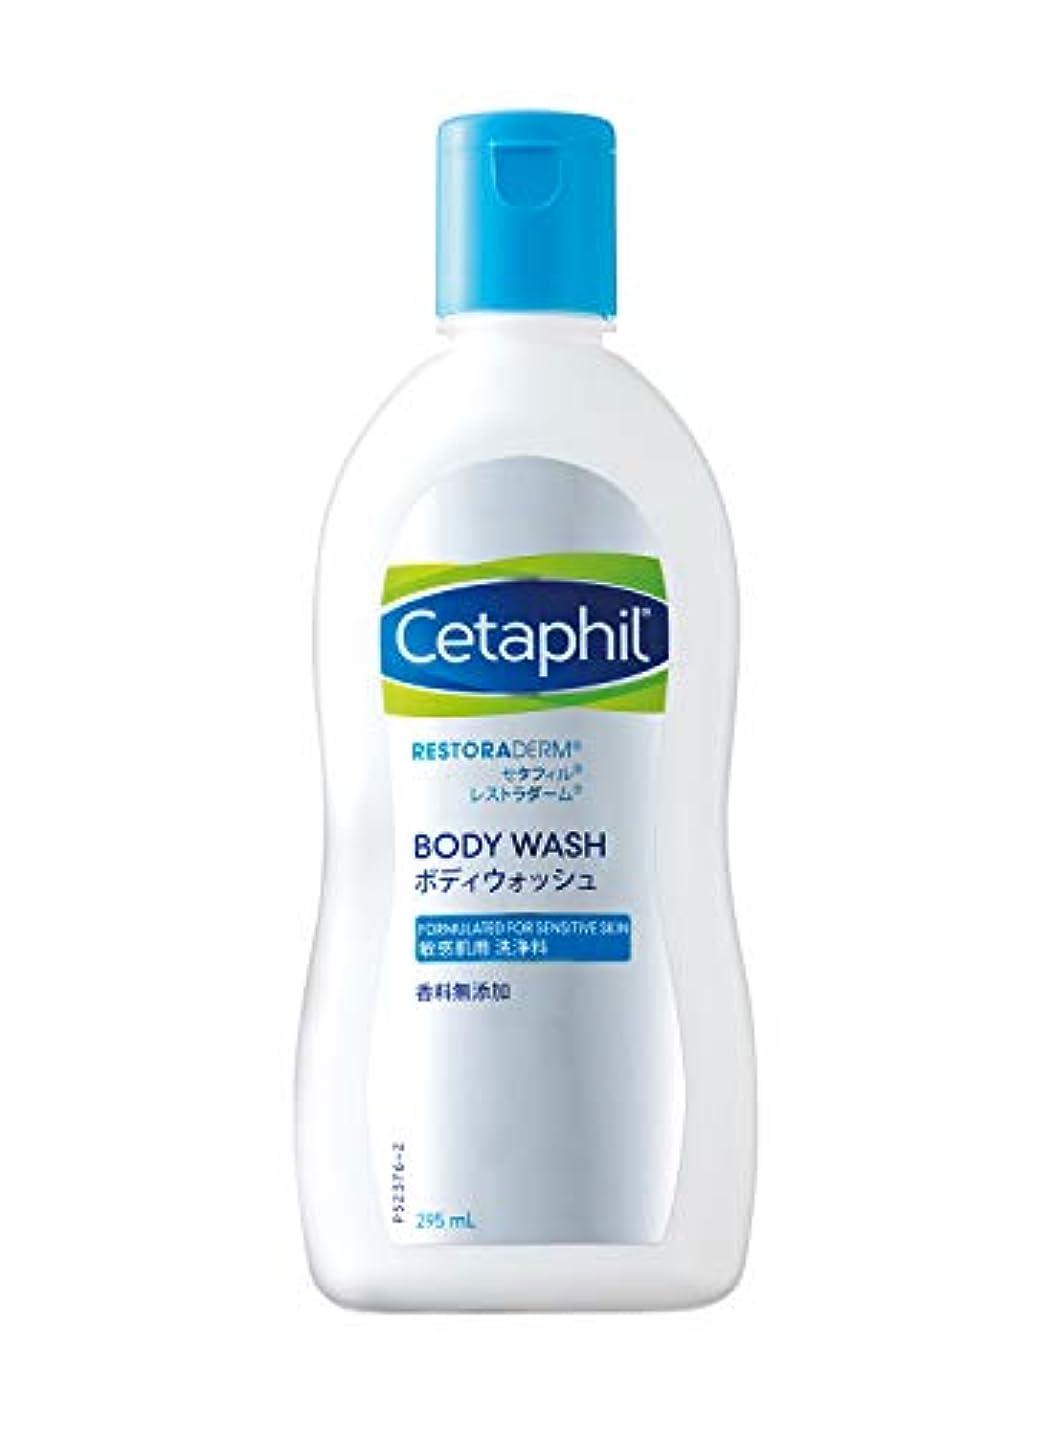 聴覚ソロシュガーセタフィル Cetaphil ® レストラダーム ボディウォッシュ 295ml (敏感肌用洗浄料 ボディソープ 乾燥肌 敏感肌 低刺激性 洗浄料)